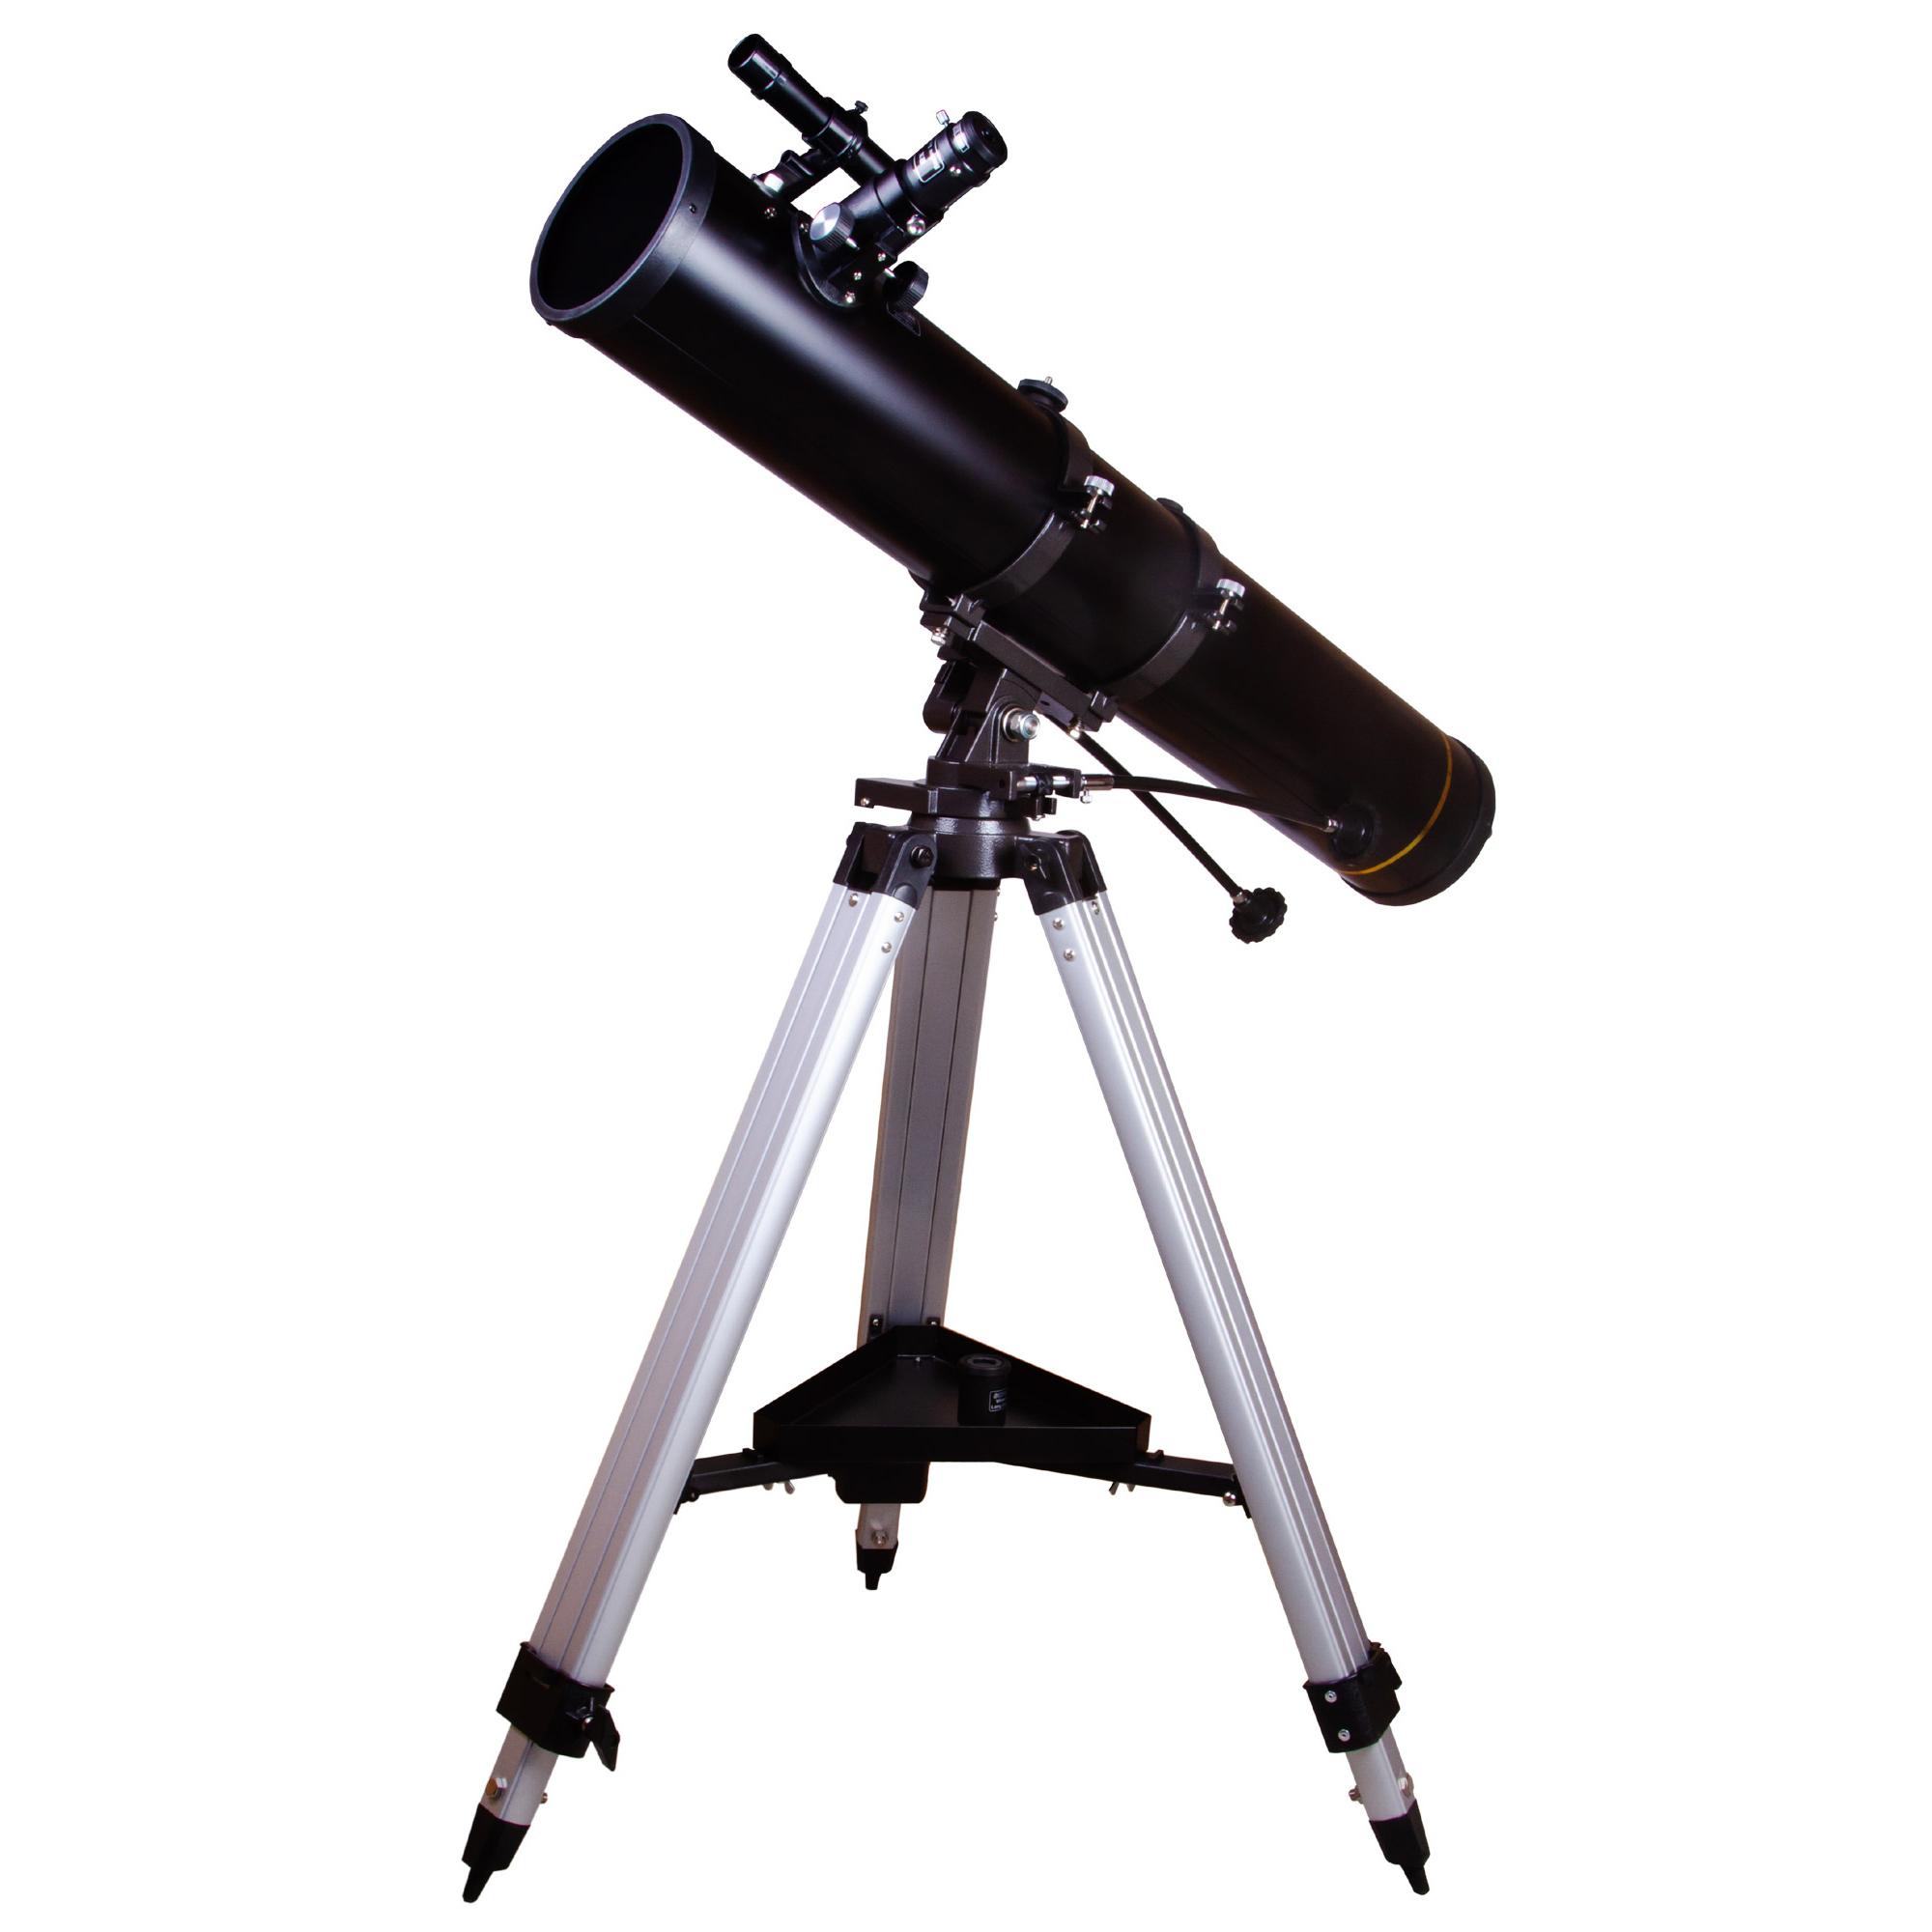 Фото - Телескоп Levenhuk Skyline BASE 110S (+ Книга знаний «Космос. Непустая пустота» в подарок!) рус д играть чтобы жить книга седьмая исход